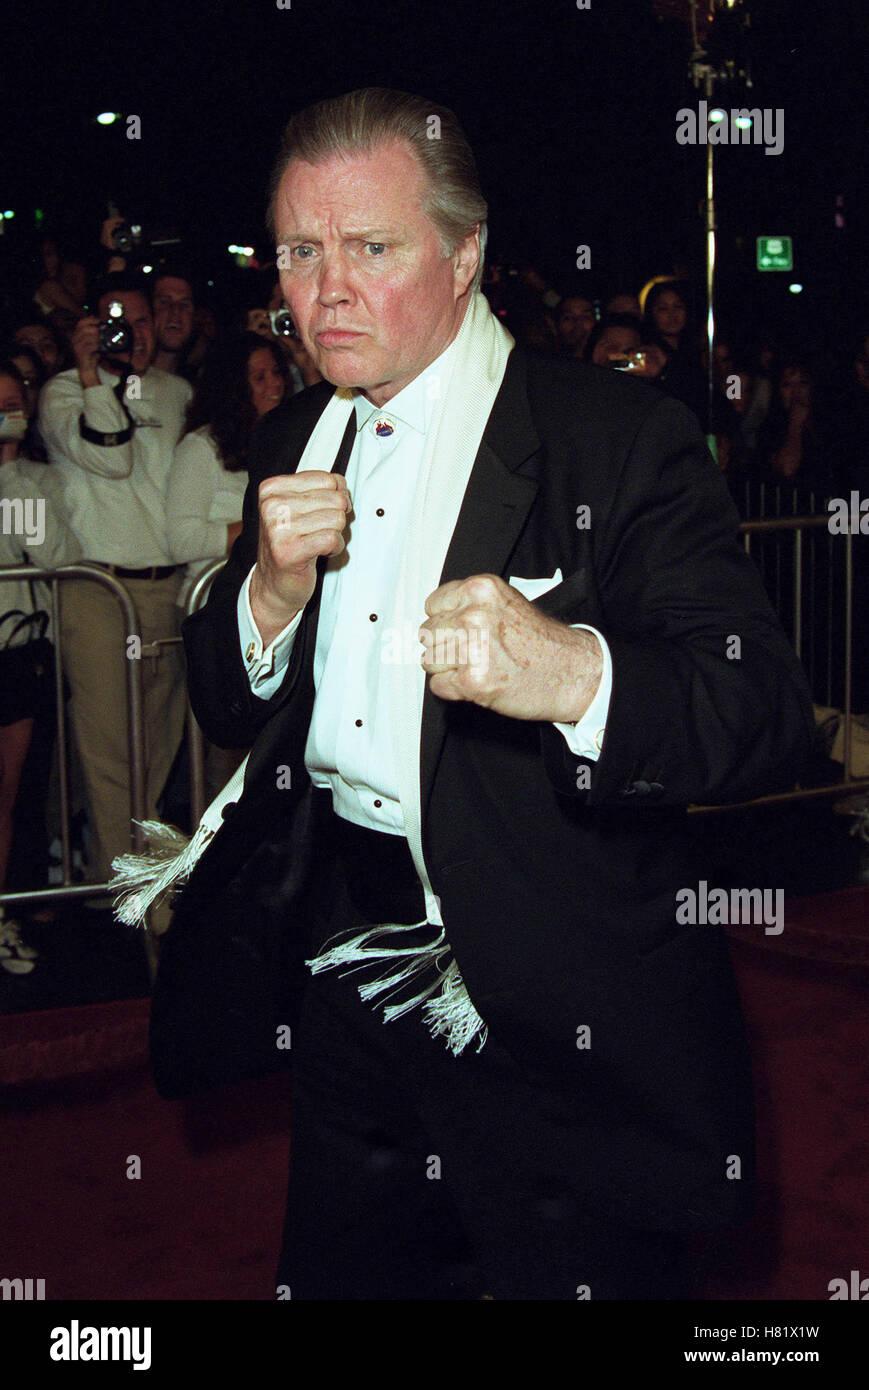 JON VOIGHT MUHAMMAD ALI'S 60TH BIRTHDAY KODAK THEATRE LA USA 12 January 2002 - Stock Image